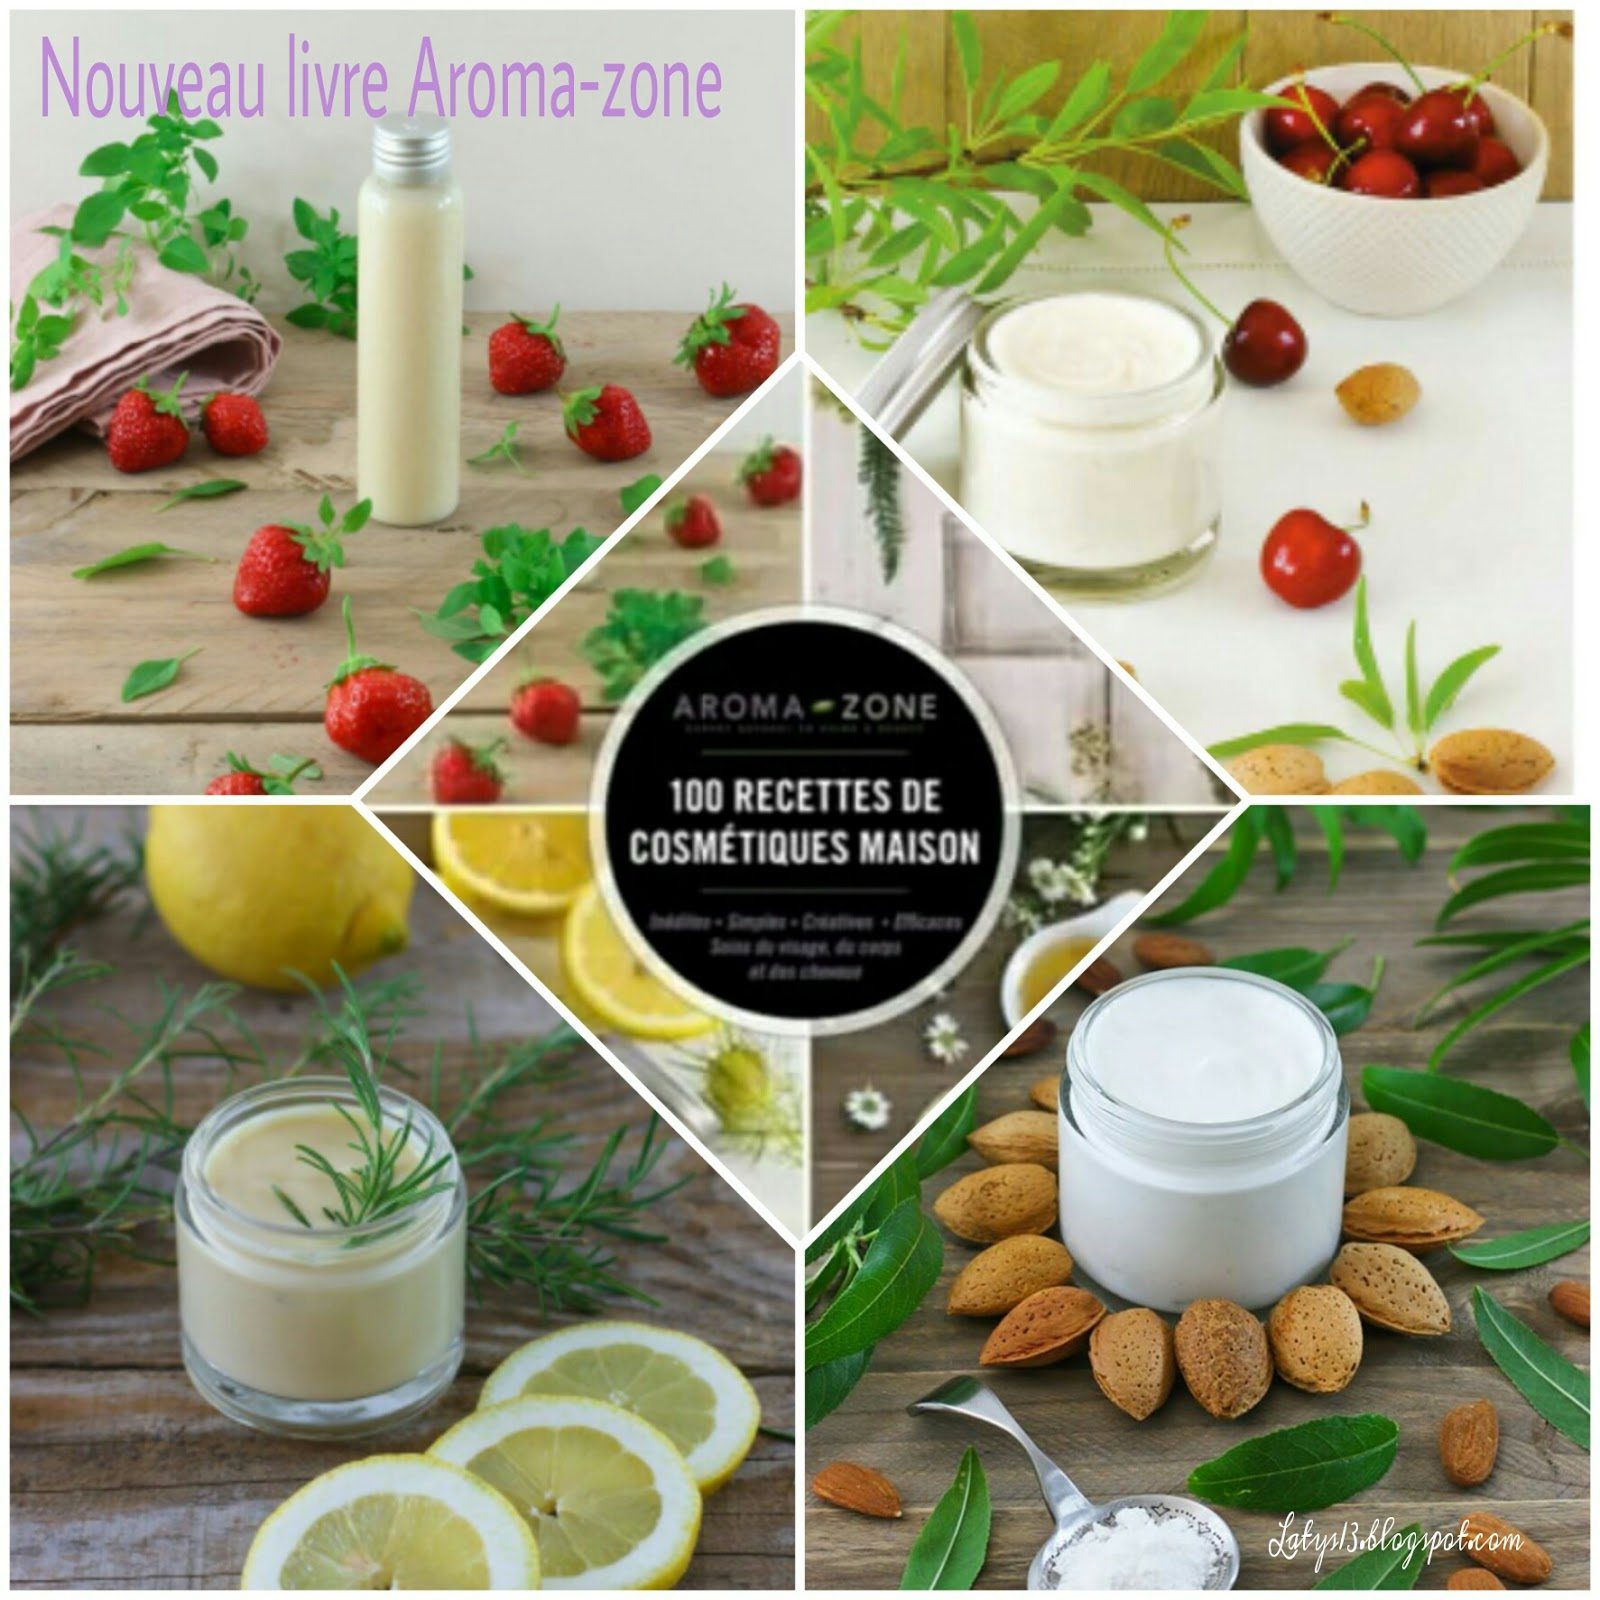 latys test livre aroma zone 100 recettes de cosm tiques maison. Black Bedroom Furniture Sets. Home Design Ideas